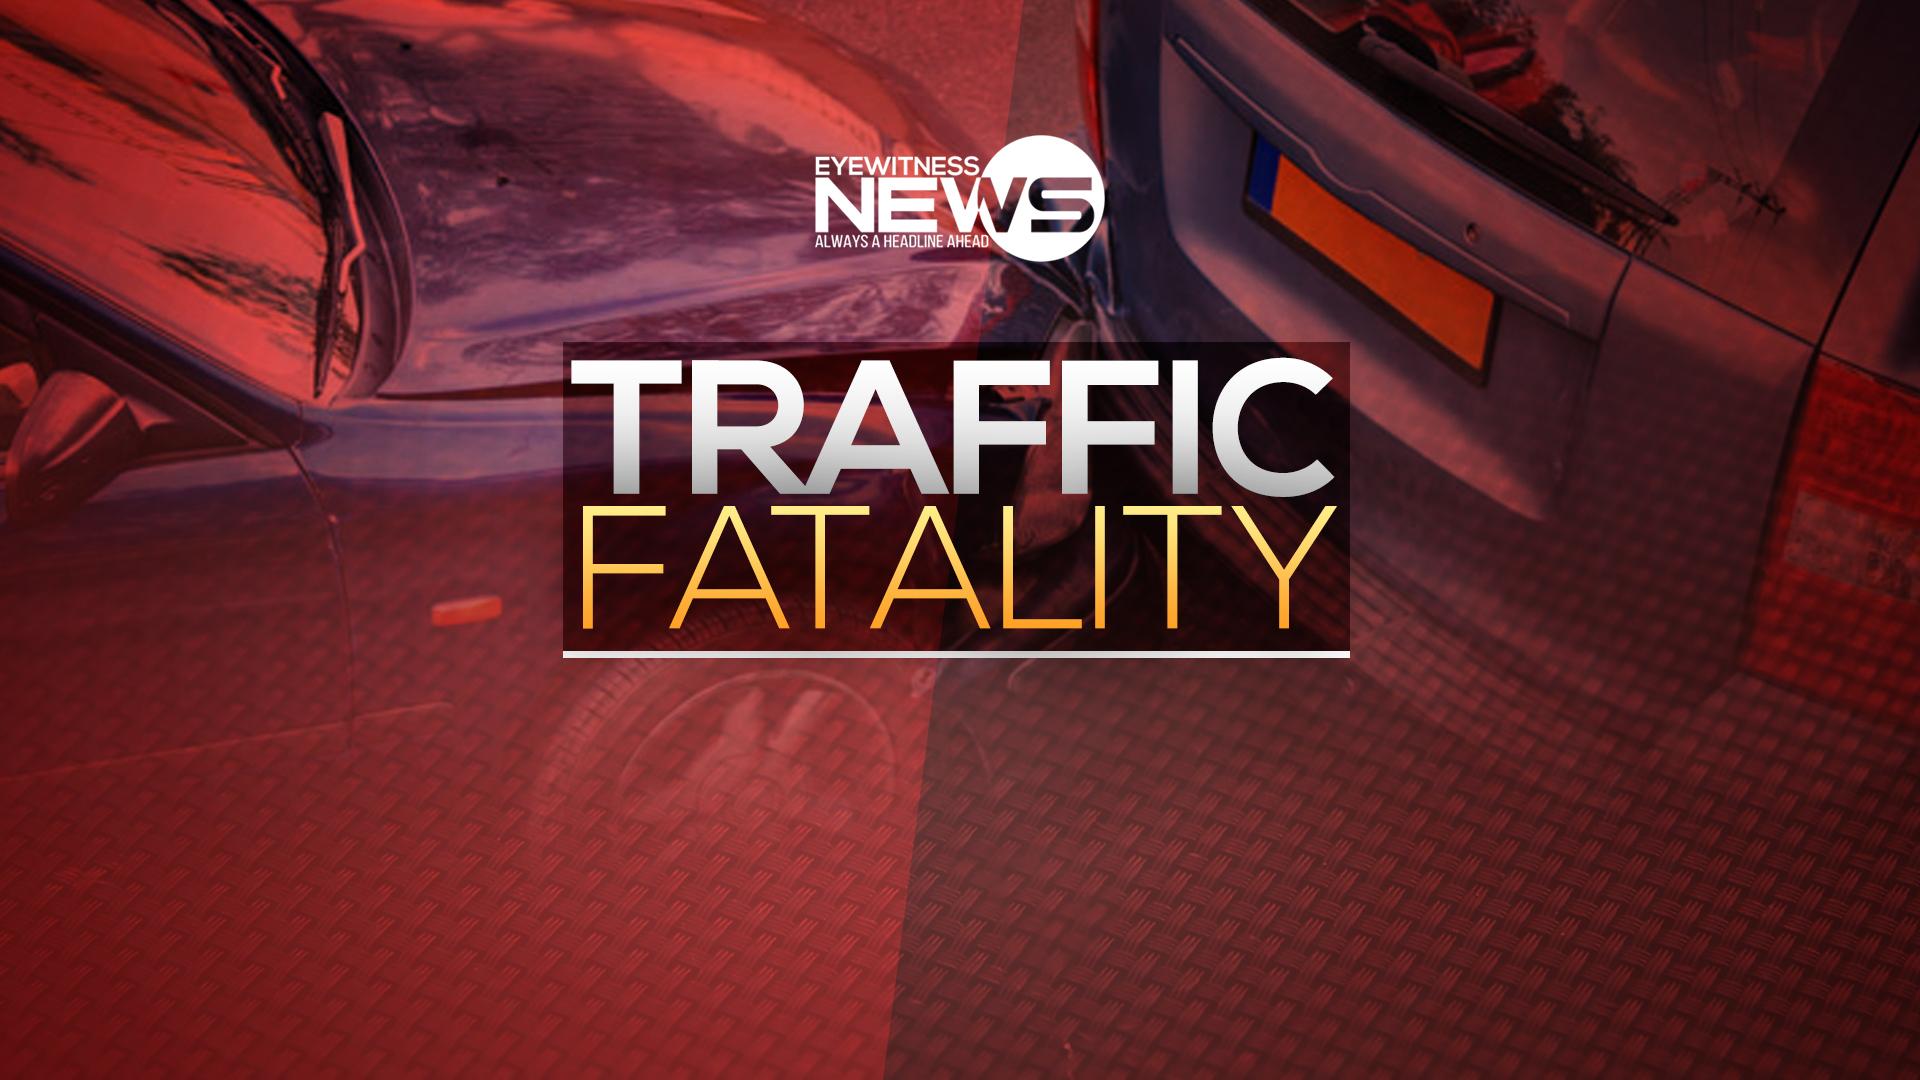 BREAKING: 2 dead in 2 separate traffic fatalities